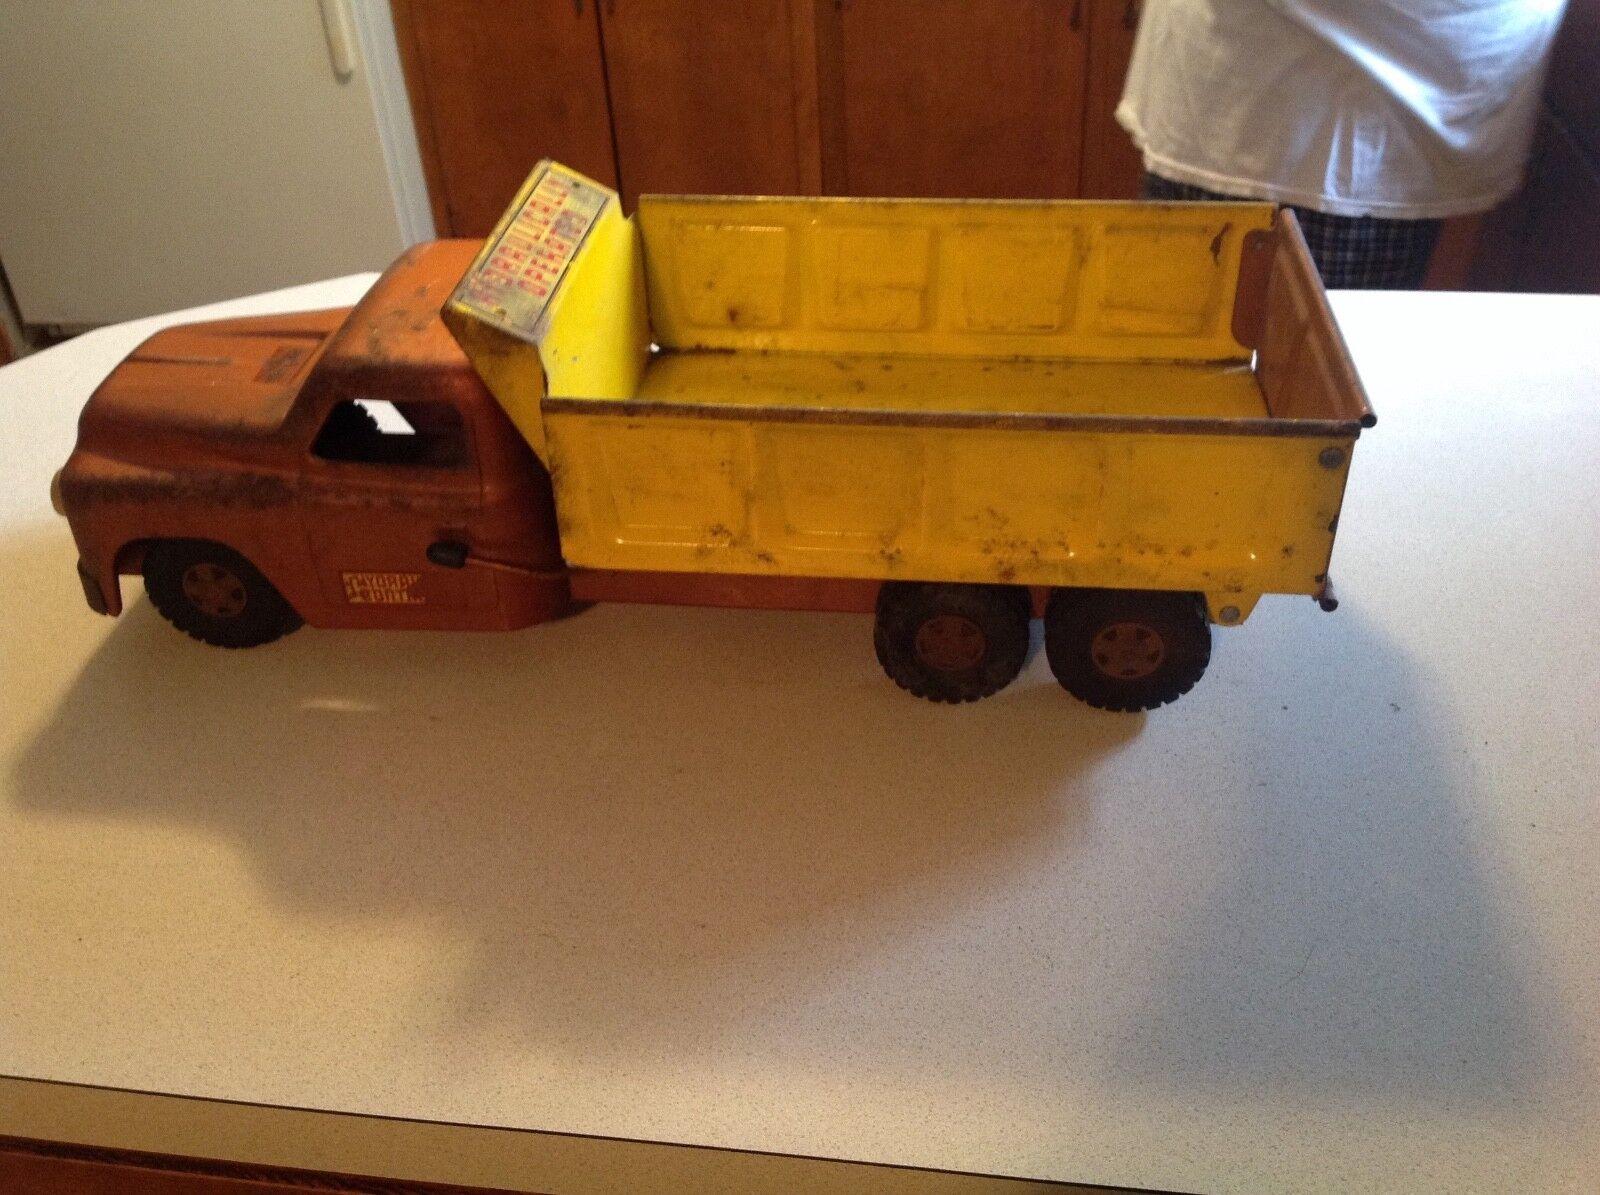 Vintage Structo à Commande Hydraulique jouet camion benne